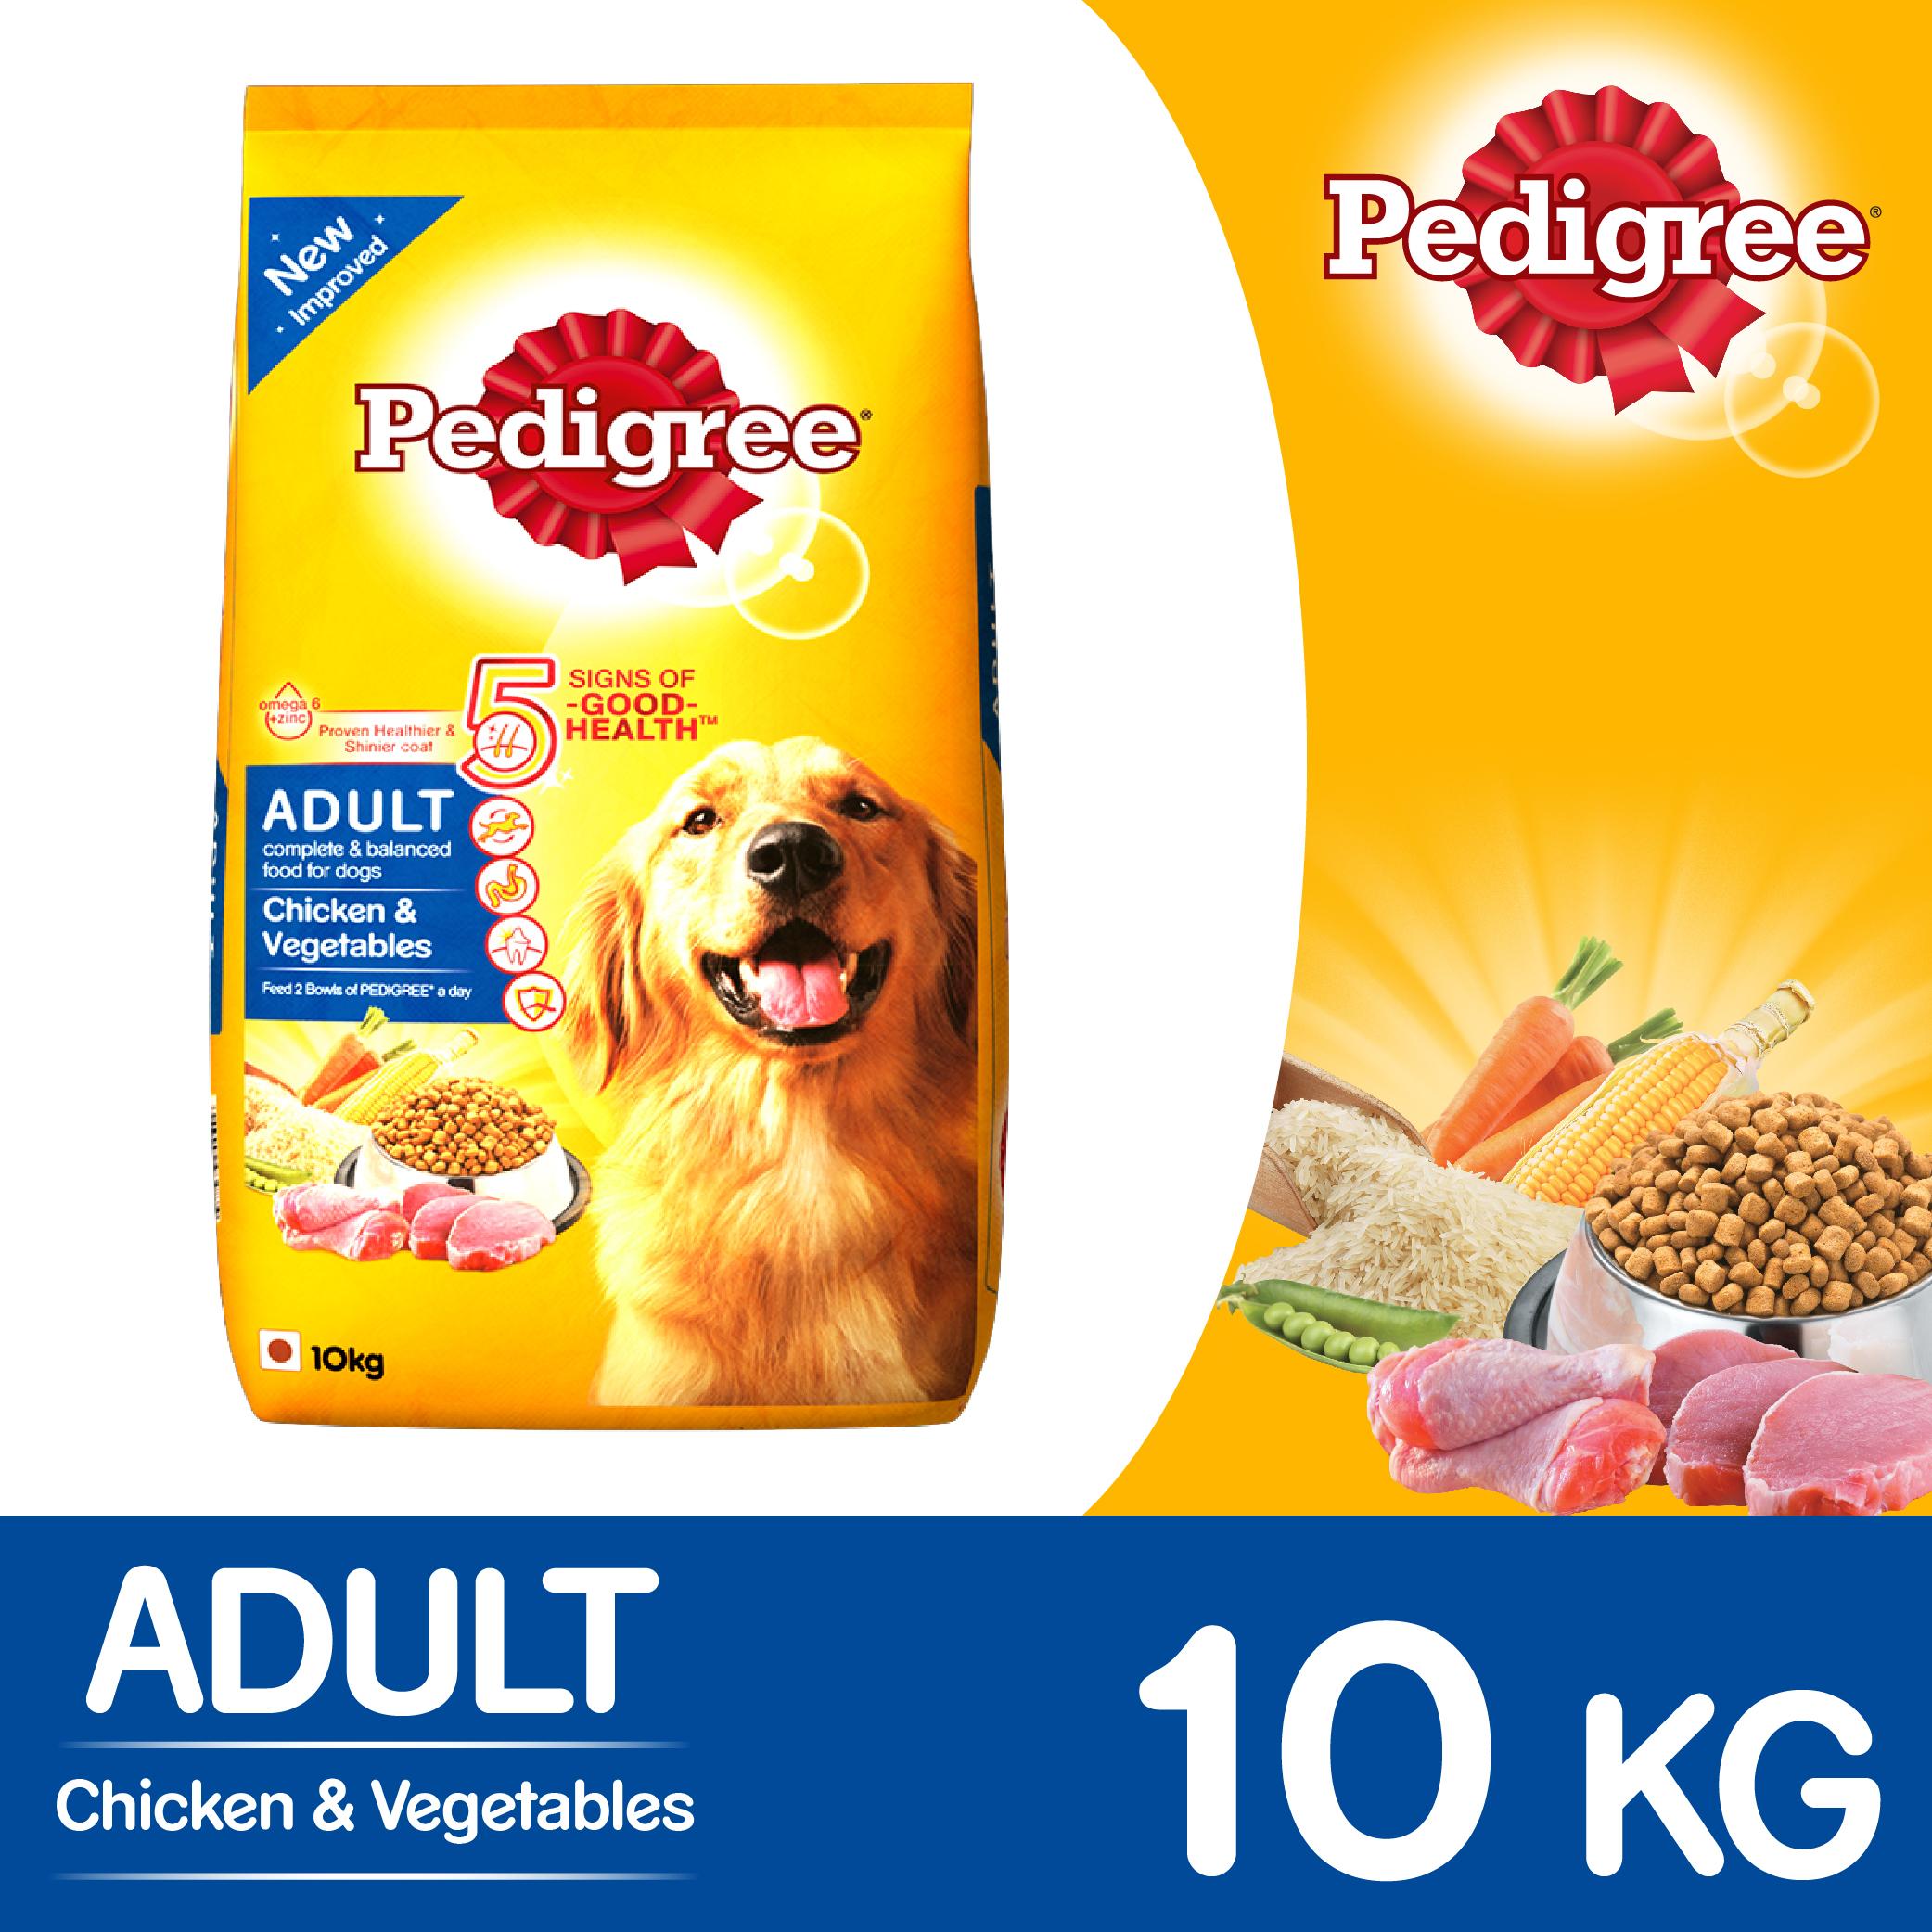 Pedigree Brand Dog Food